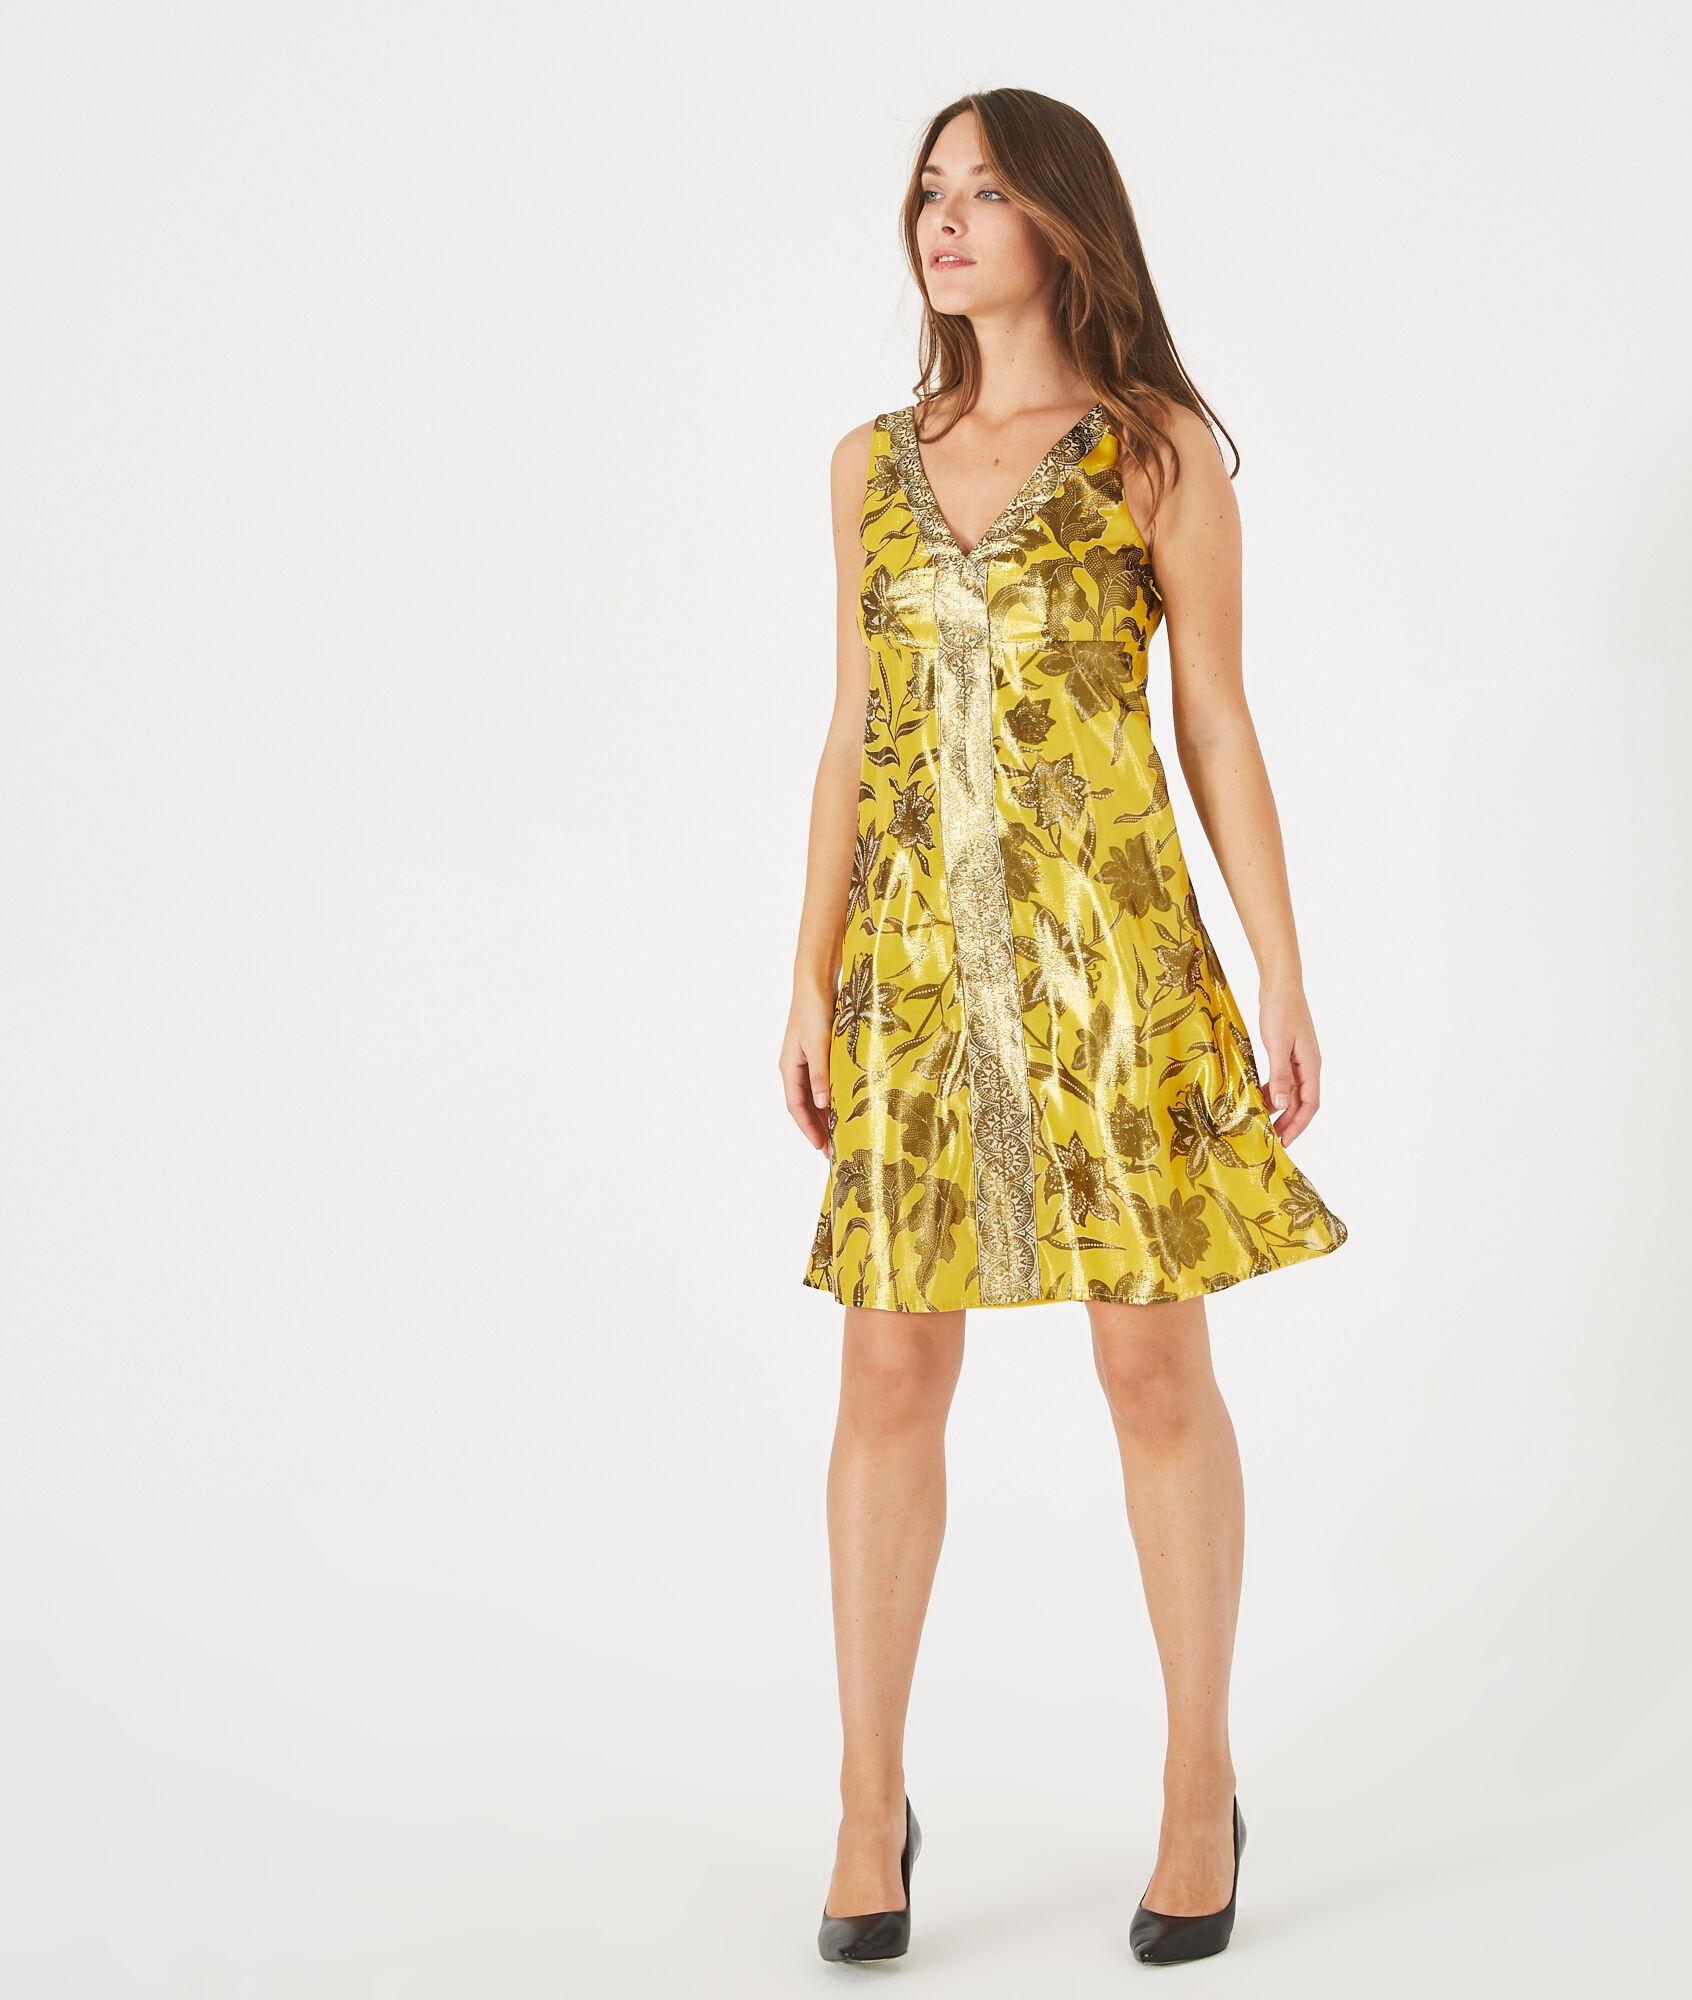 Robe jaune imprimee